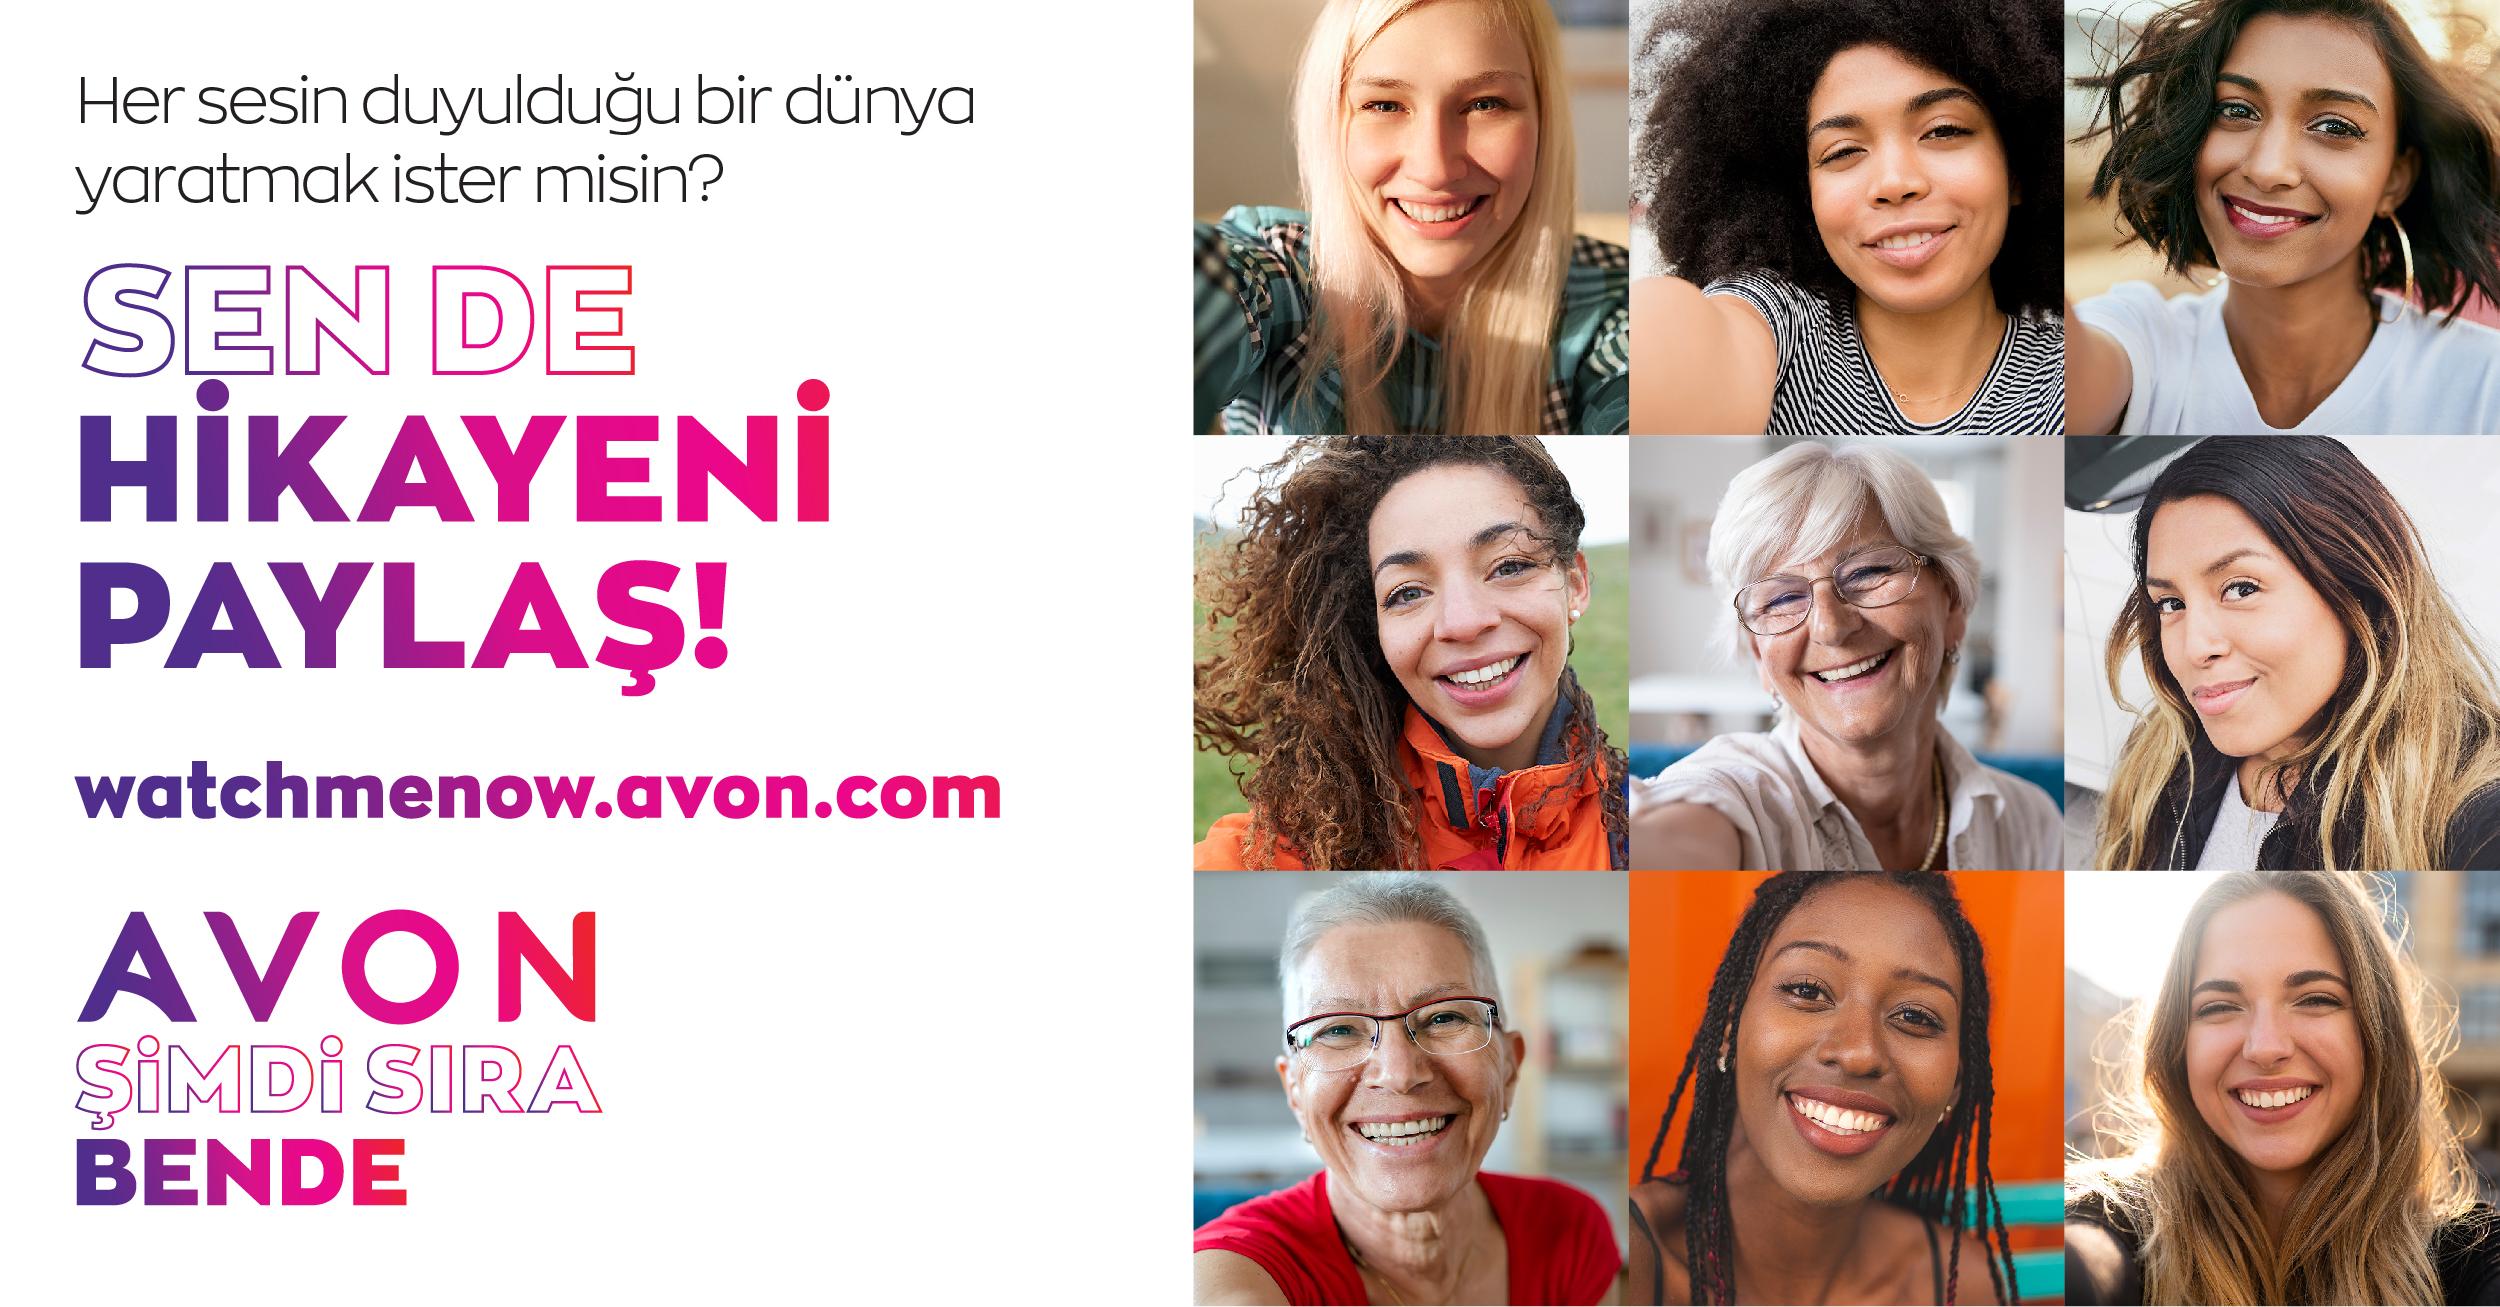 Avon'dan her 1 hikaye için 1 dolar bağış